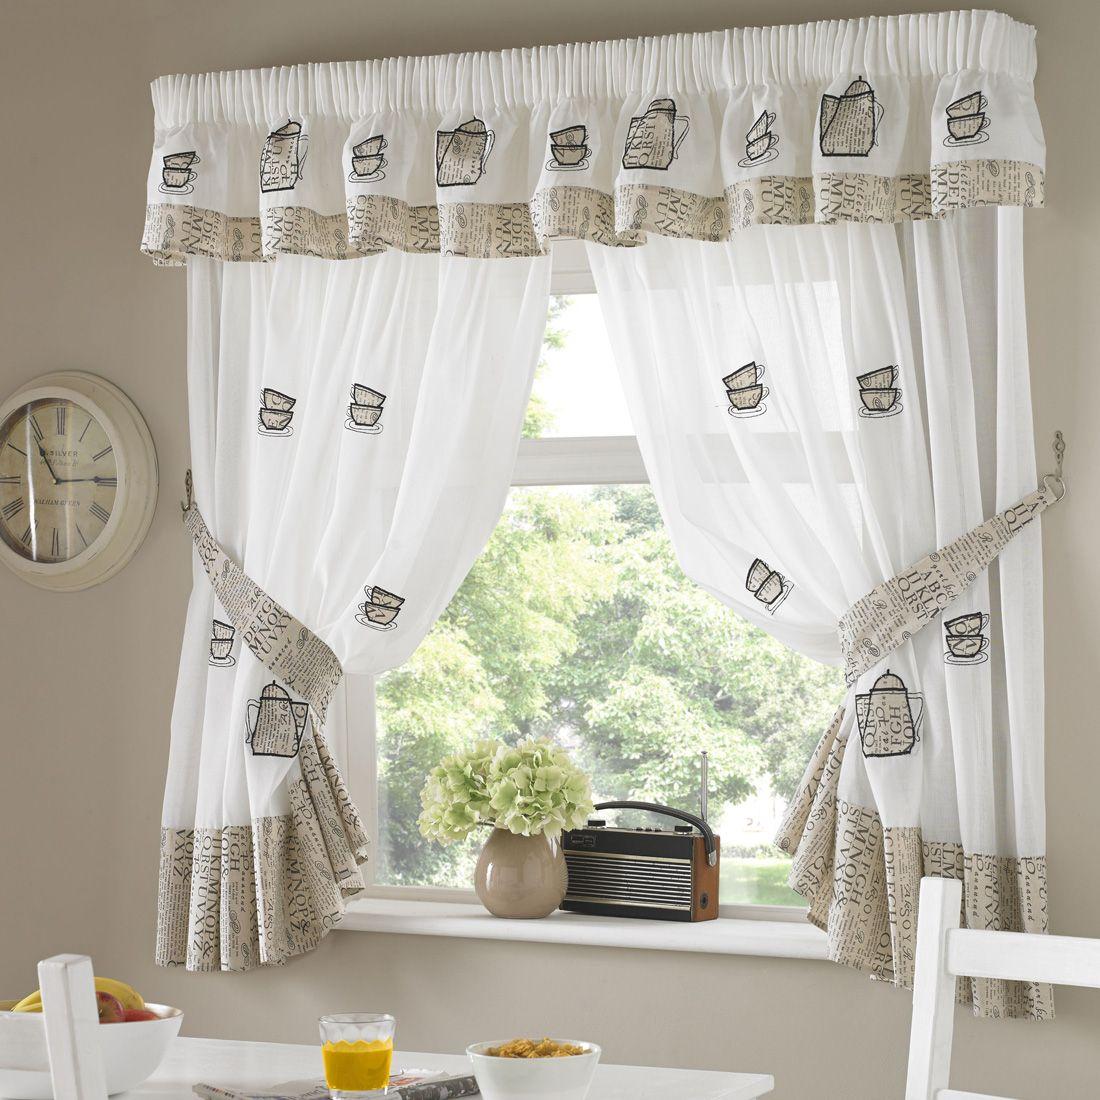 Coffee Pots Kitchen Curtain in 2019 | Home design | Kitchen ...